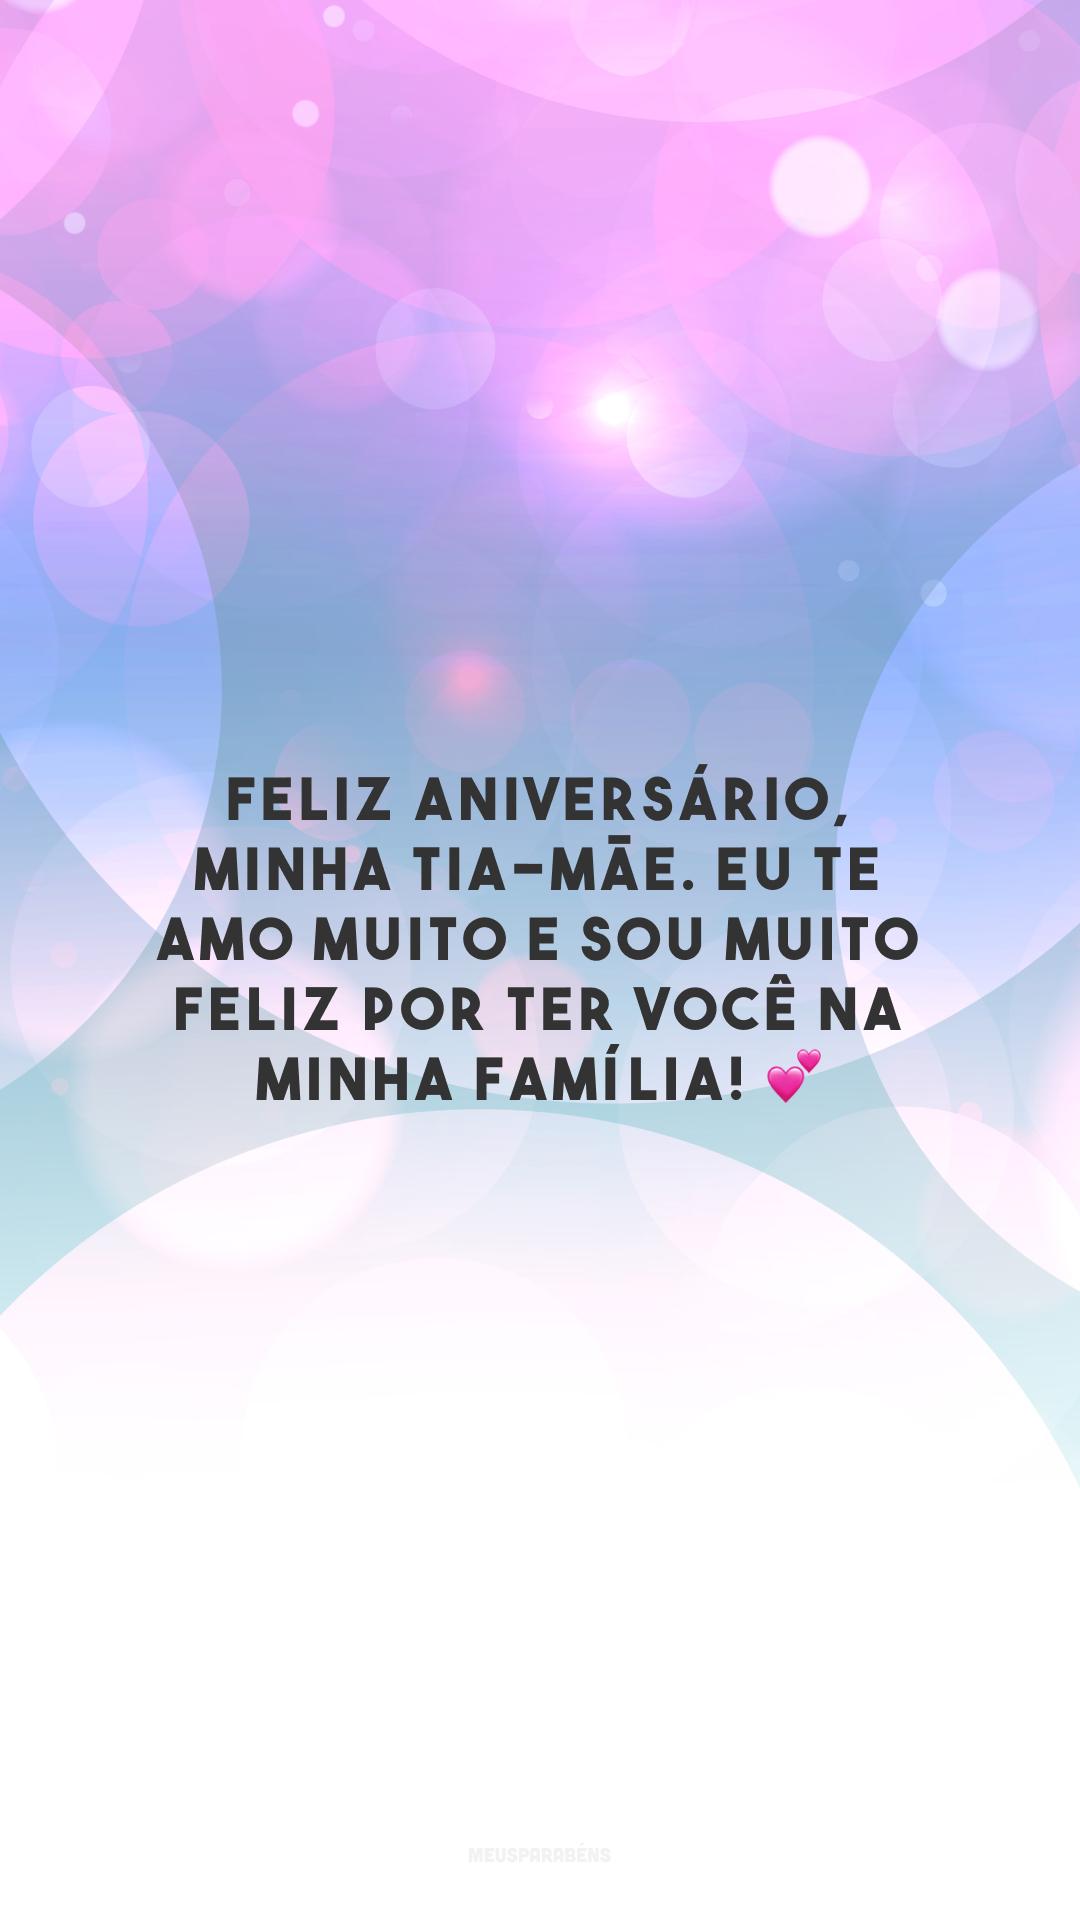 Feliz aniversário, minha tia-mãe. Eu te amo muito e sou muito feliz por ter você na minha família! 💕